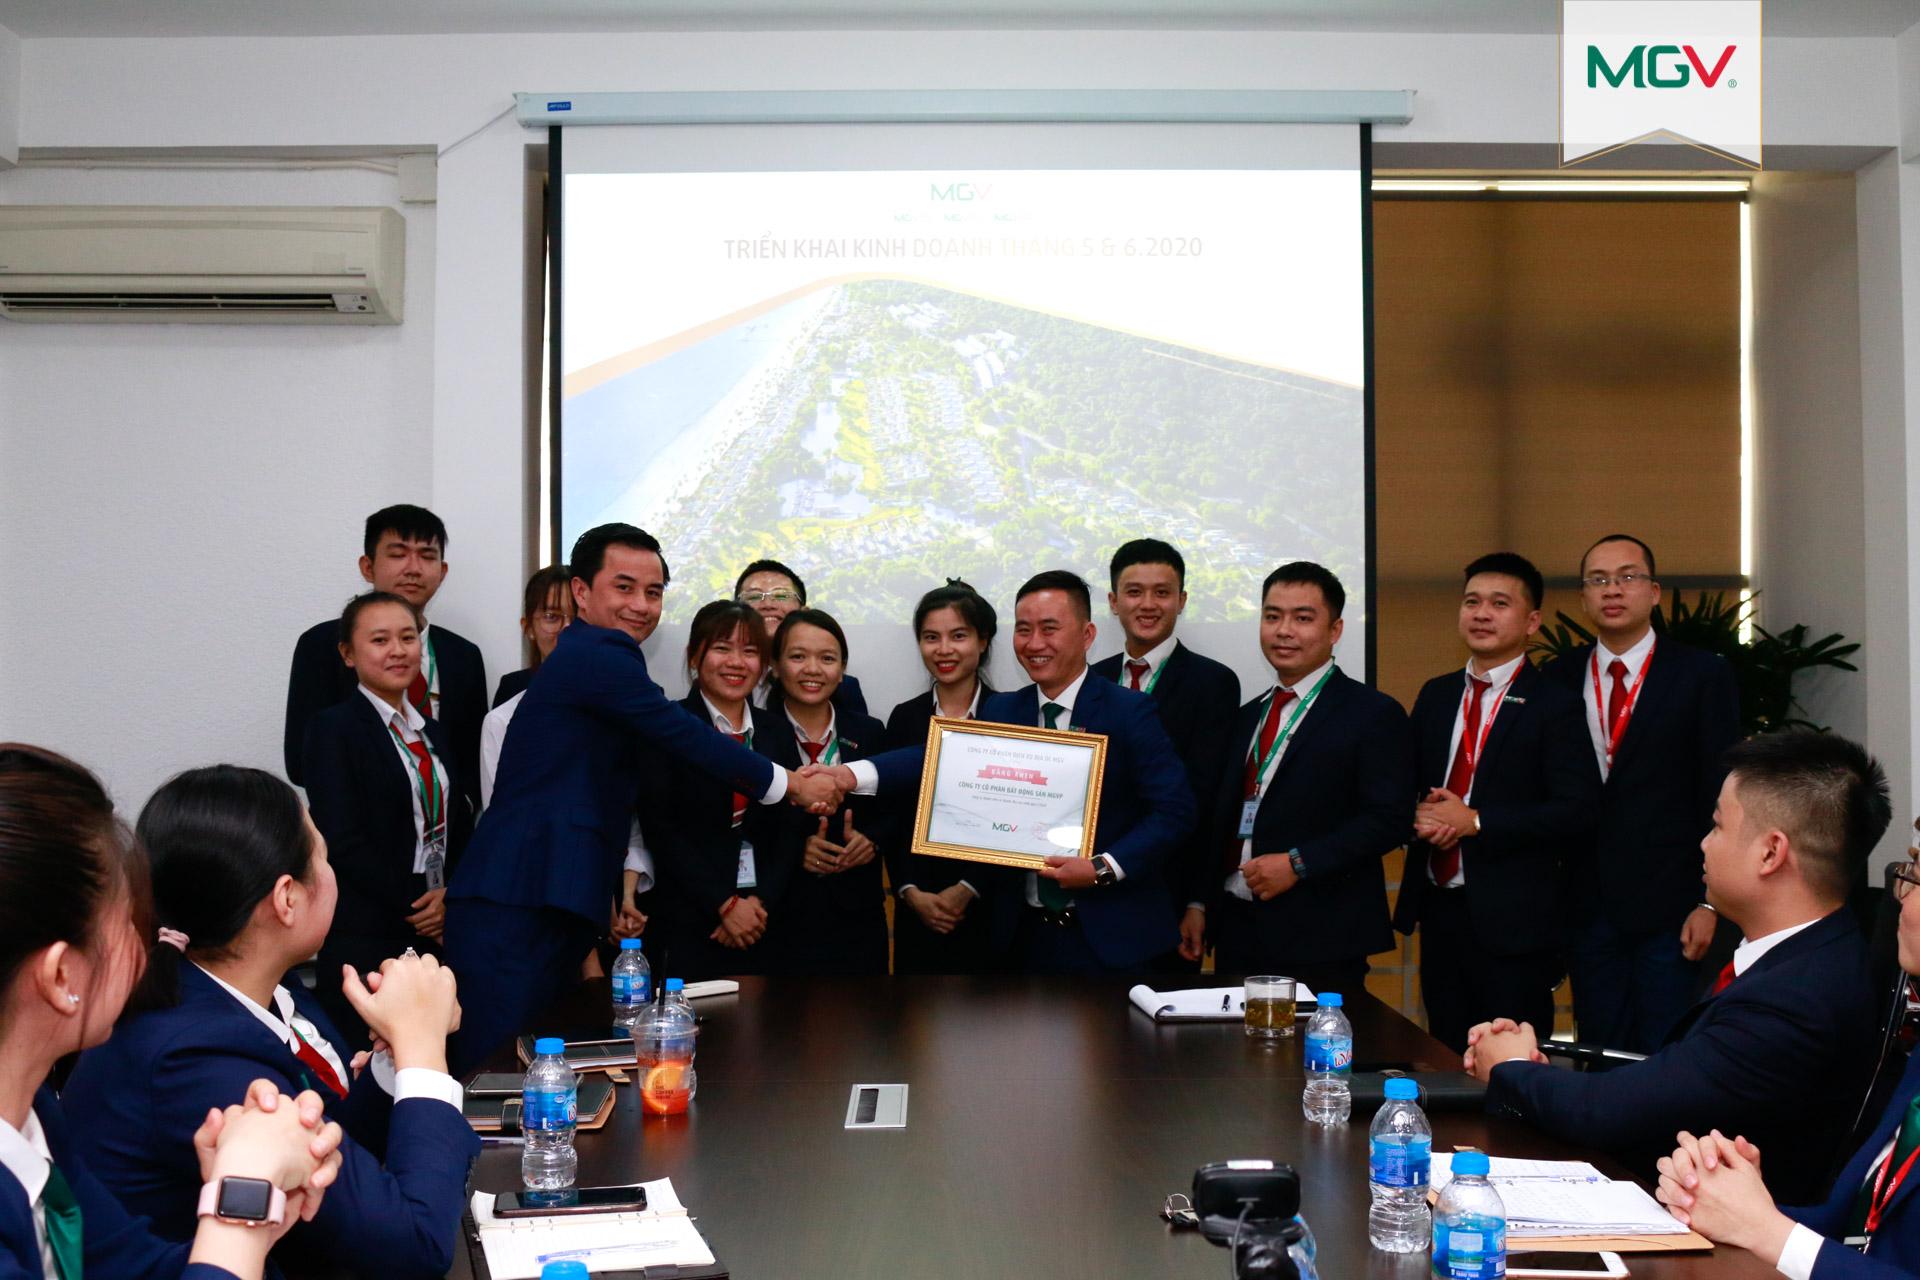 Tập thể MGV.P với thành tích Công ty thành viên xuất sắc nhất Quý 1-2020 (4-5-2020)